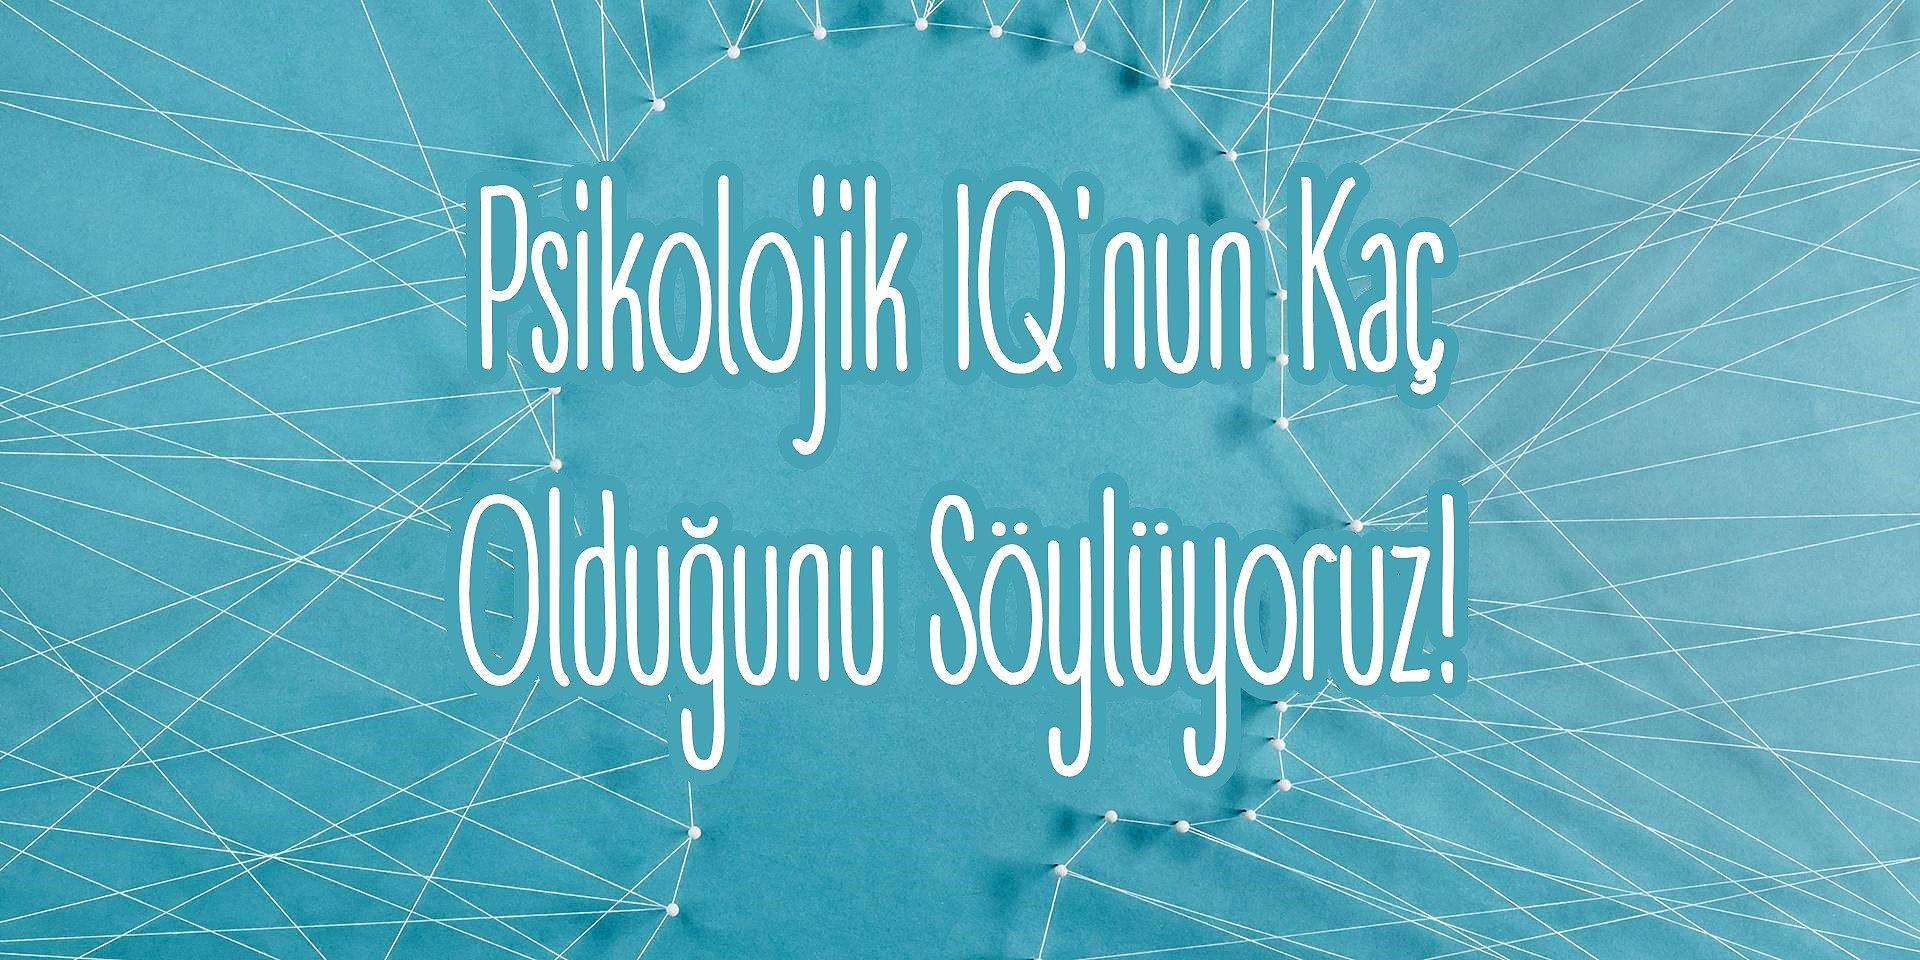 En Düşük IQ Puanına Sahip Ünlüyü Tahmin Edebilecek misin 13